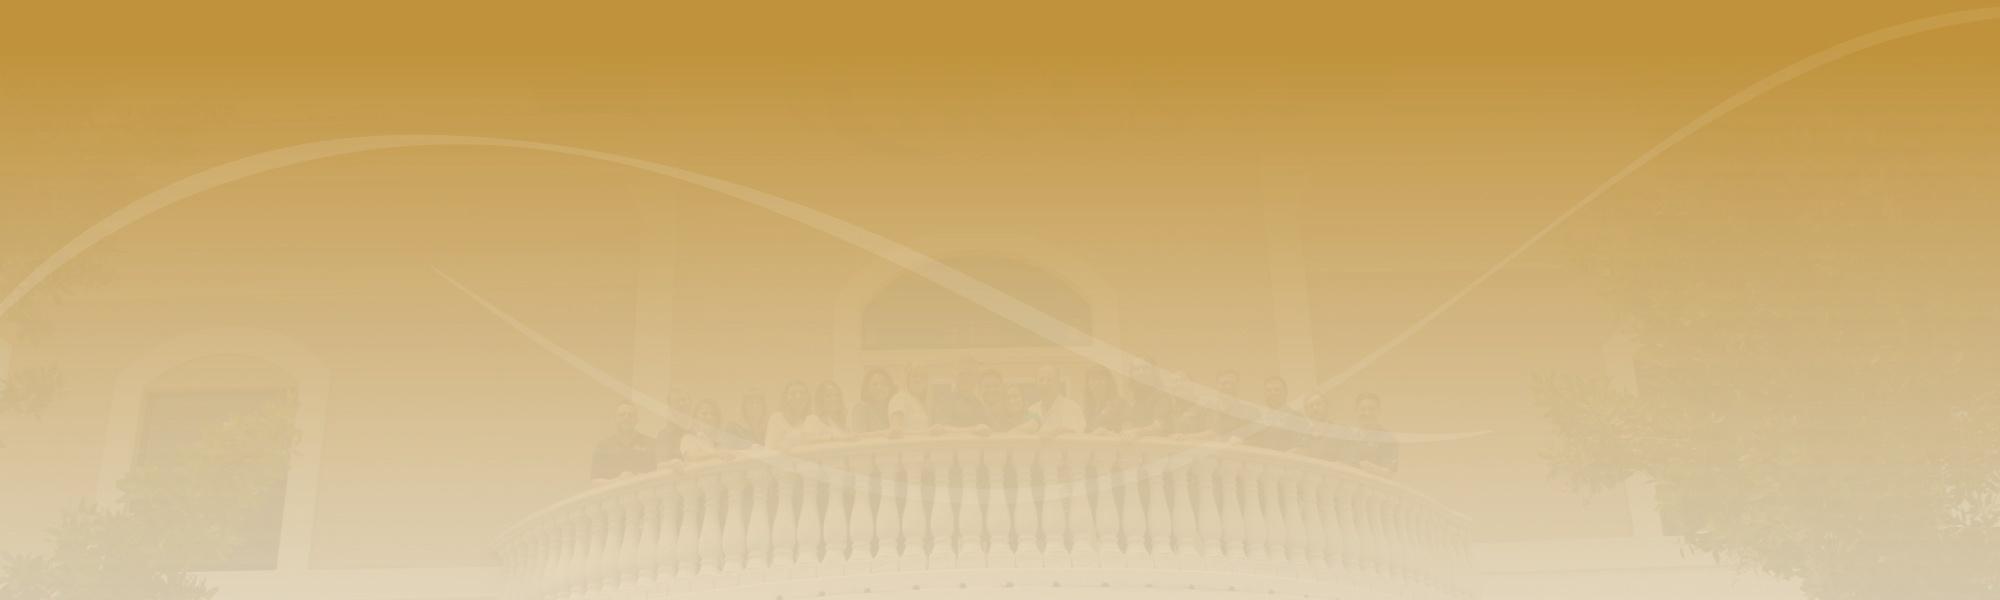 Values-Banner-3.jpg